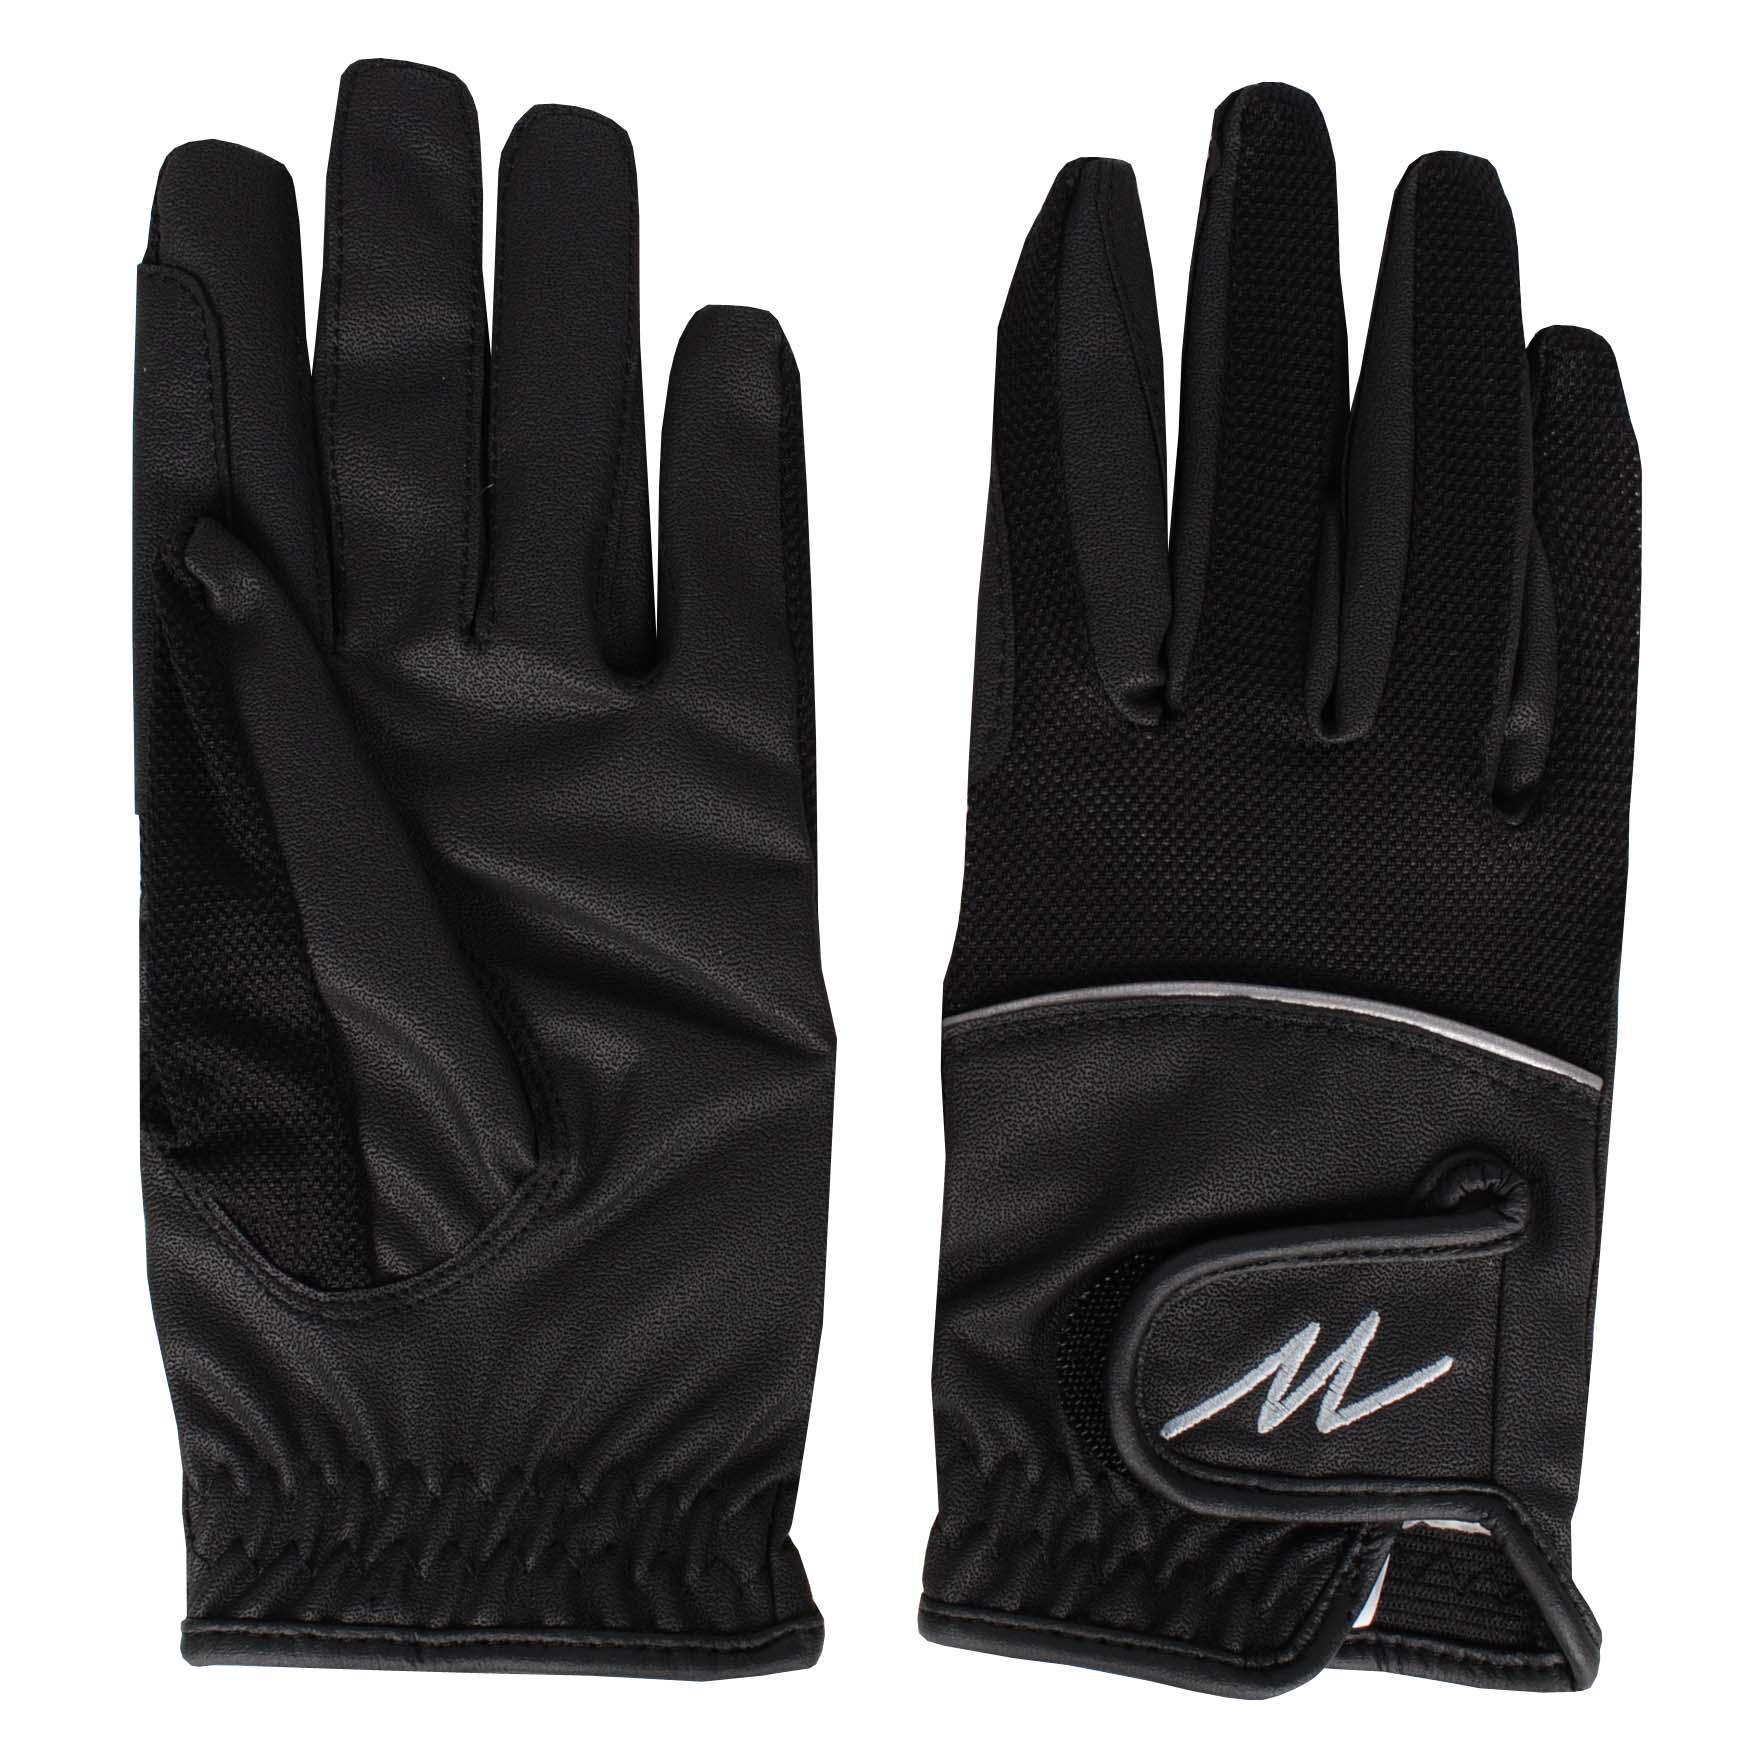 Mondoni Mendoza handschoenen zwart maat:l